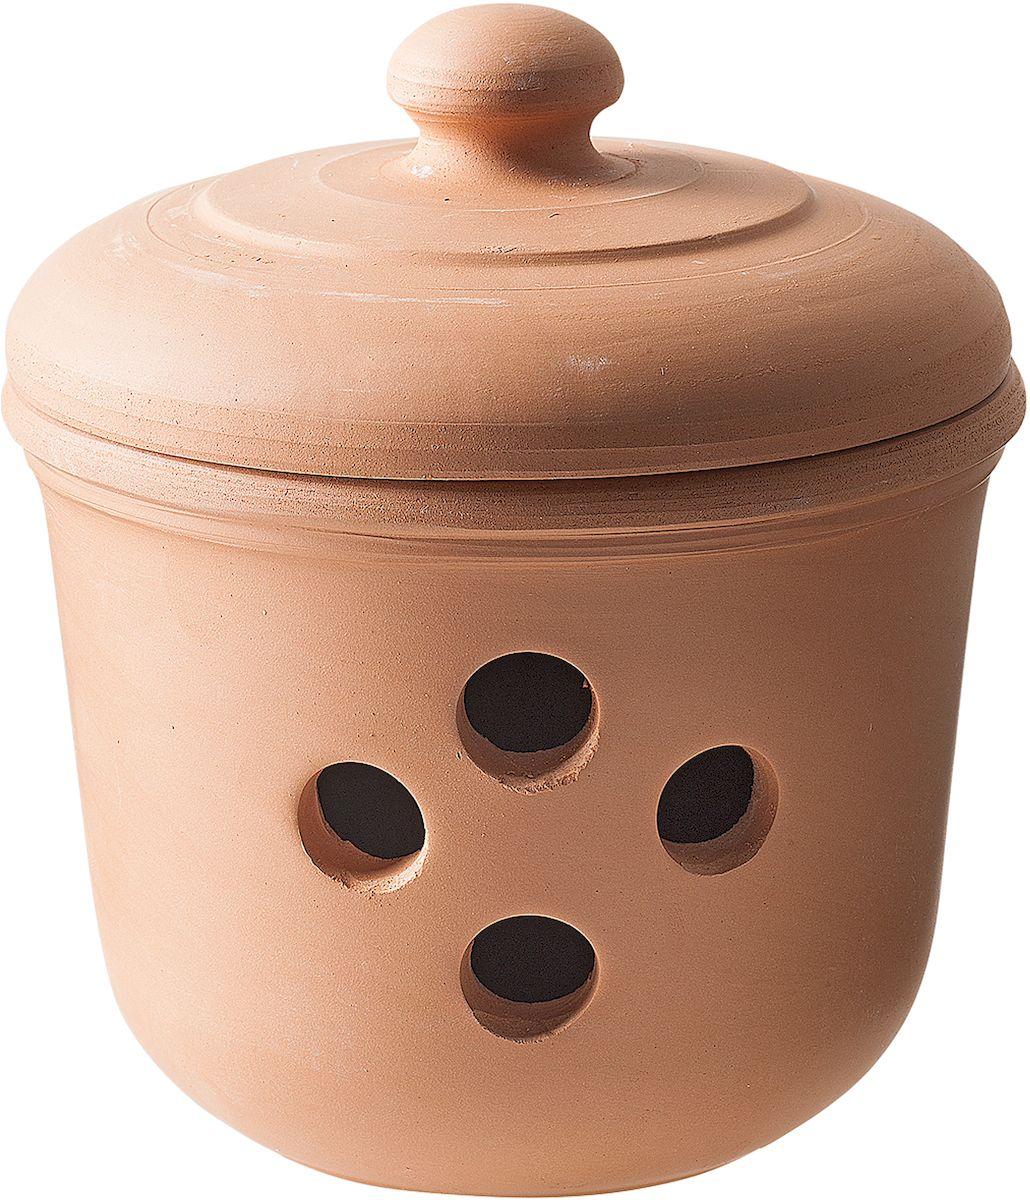 Емкость для чеснока Moha Unio, цвет: коричневый, диаметр 11,5 см83010За счет уникальных свойств глины в керамической посуде очень хорошо хранить лук, чеснок и корнеплоды. Отверстия в стенках банки обеспечивают приток воздуха, чтобы овощи как можно дольше оставались свежими. Эстетичный внешний вид позволяет использовать в качестве декора кухни и поставить на видное место.